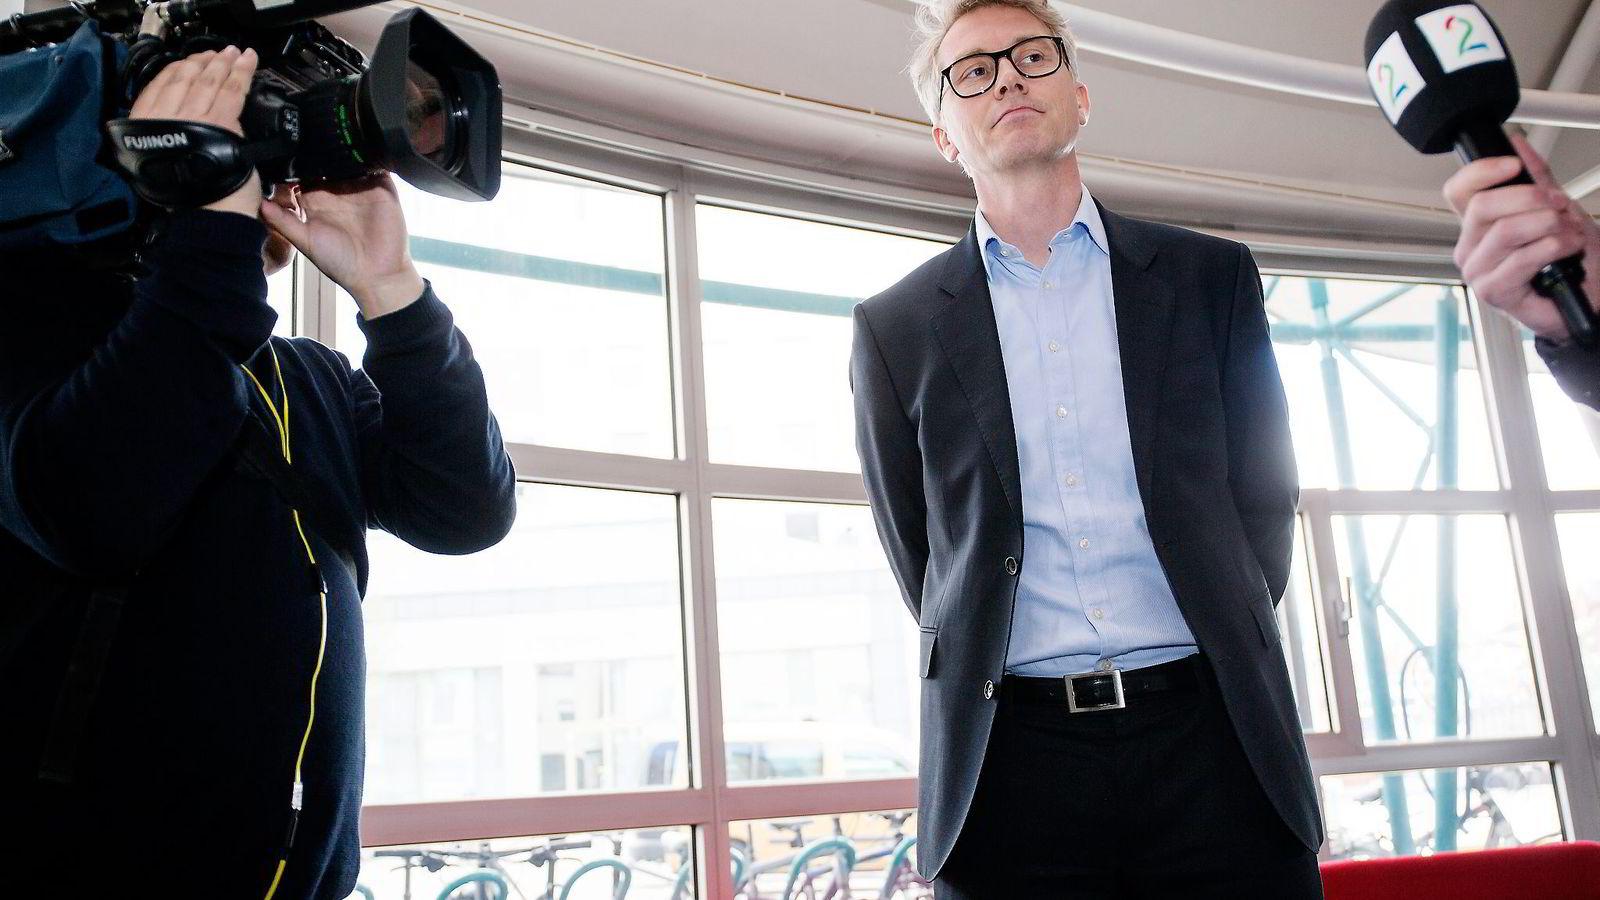 TV 2-sjef Olav T. Sandnes er den siste medielederen som nå har varslet omfattende kutt. TV 2 skal kutte kostnader for 350 millioner kroner frem mot 2020. Foto: